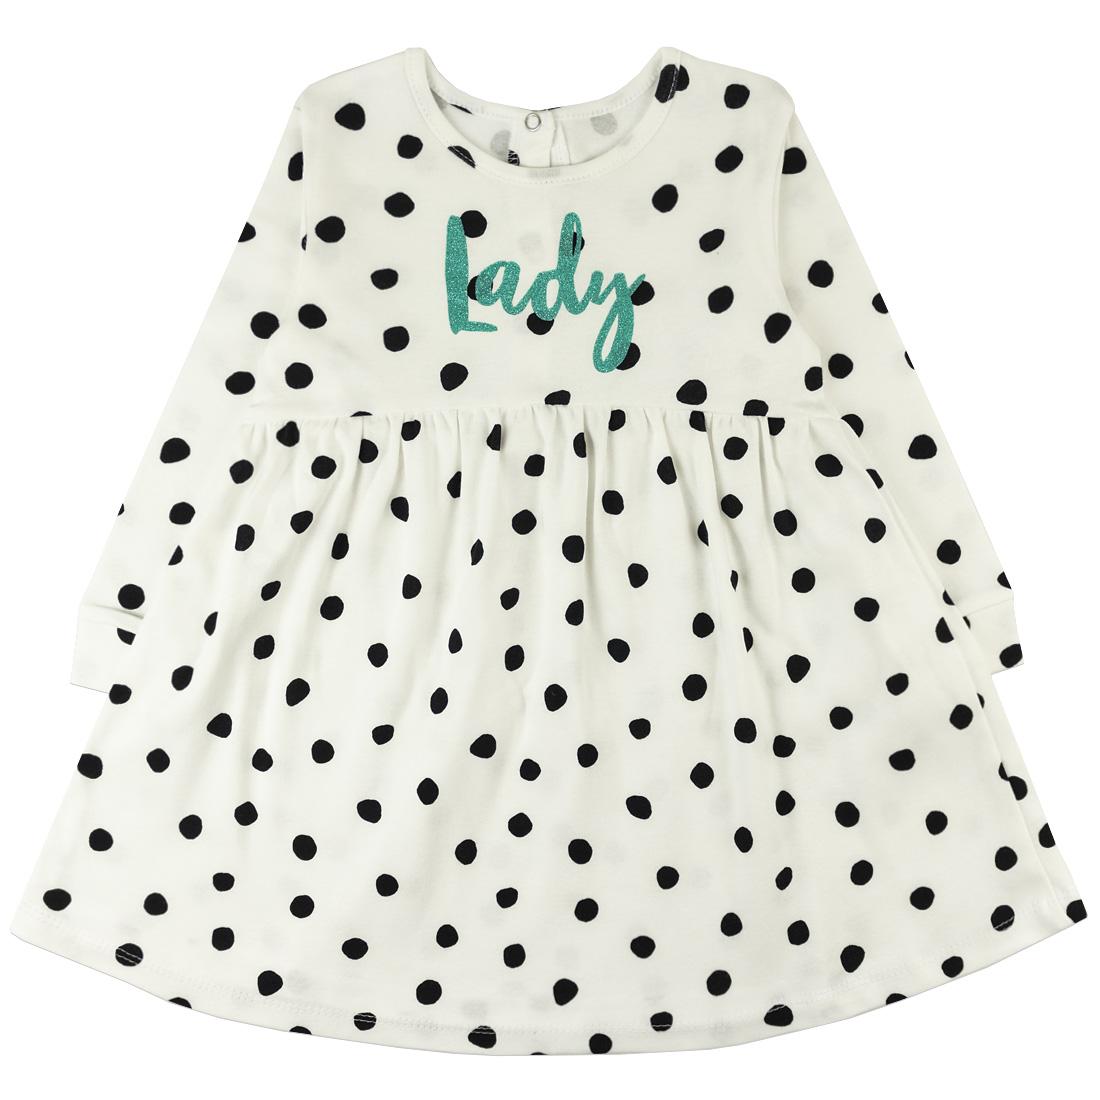 Купить 1137и ап, Платье детское Юлла, цв. белый р. 80, Платья для новорожденных